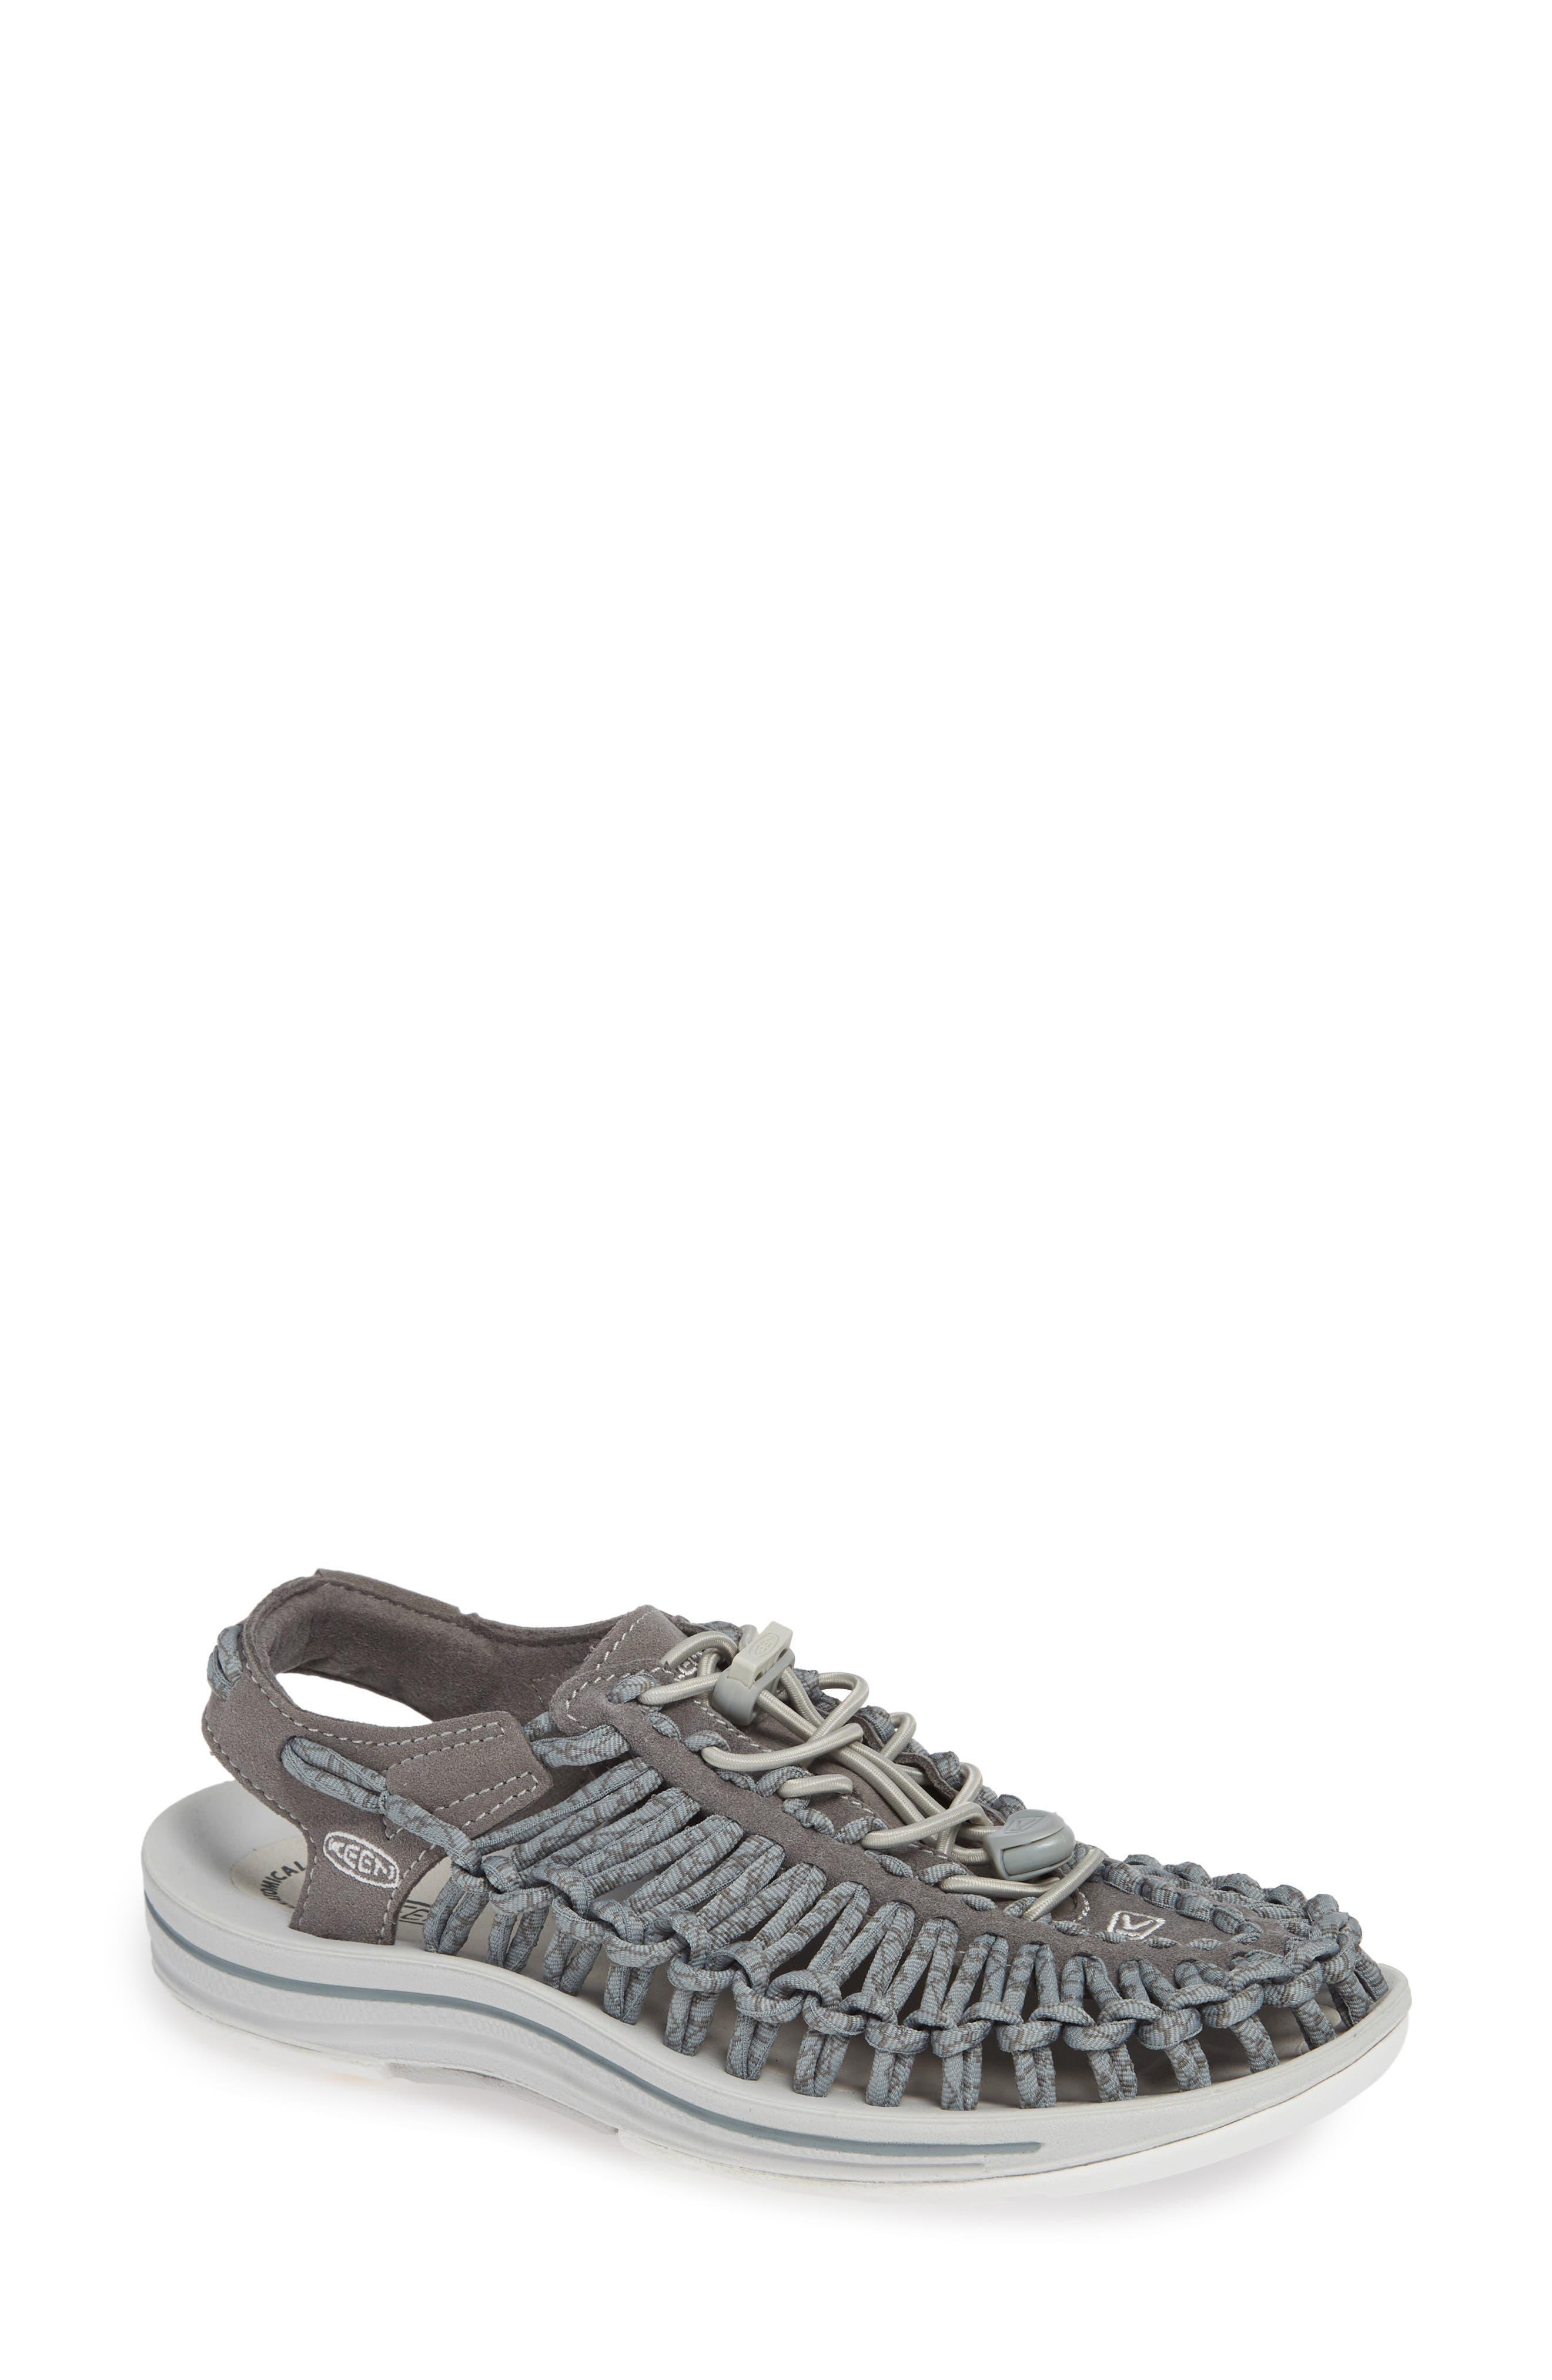 56eac7cf018 Keen Women's Shoes